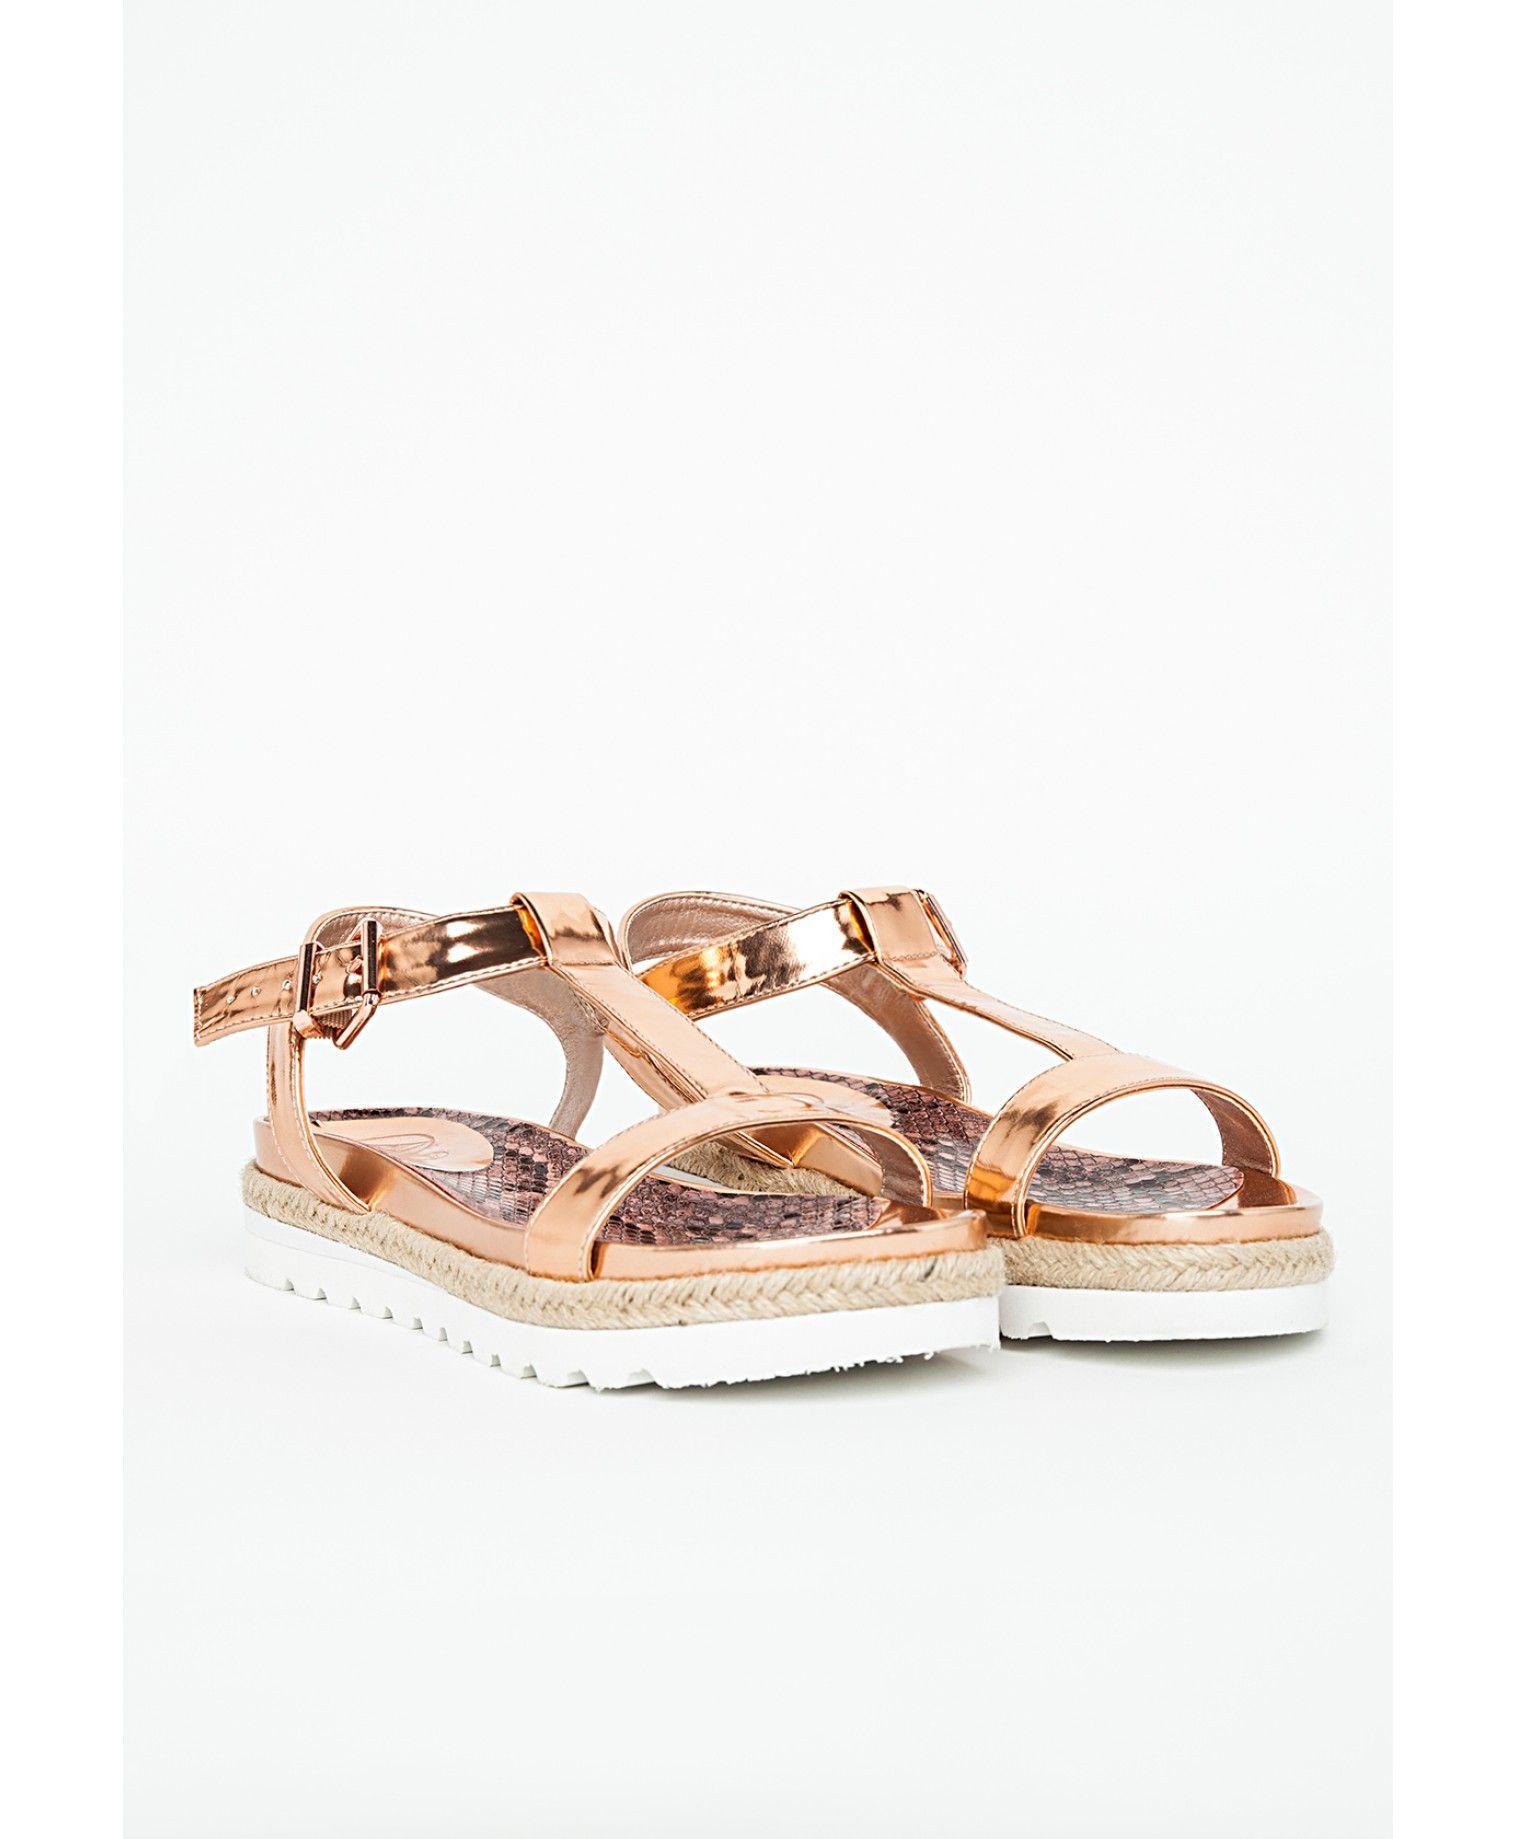 8693ba0d707c T Bar Sandal Rose Gold - Sandals - Flat Shoes - Missguided